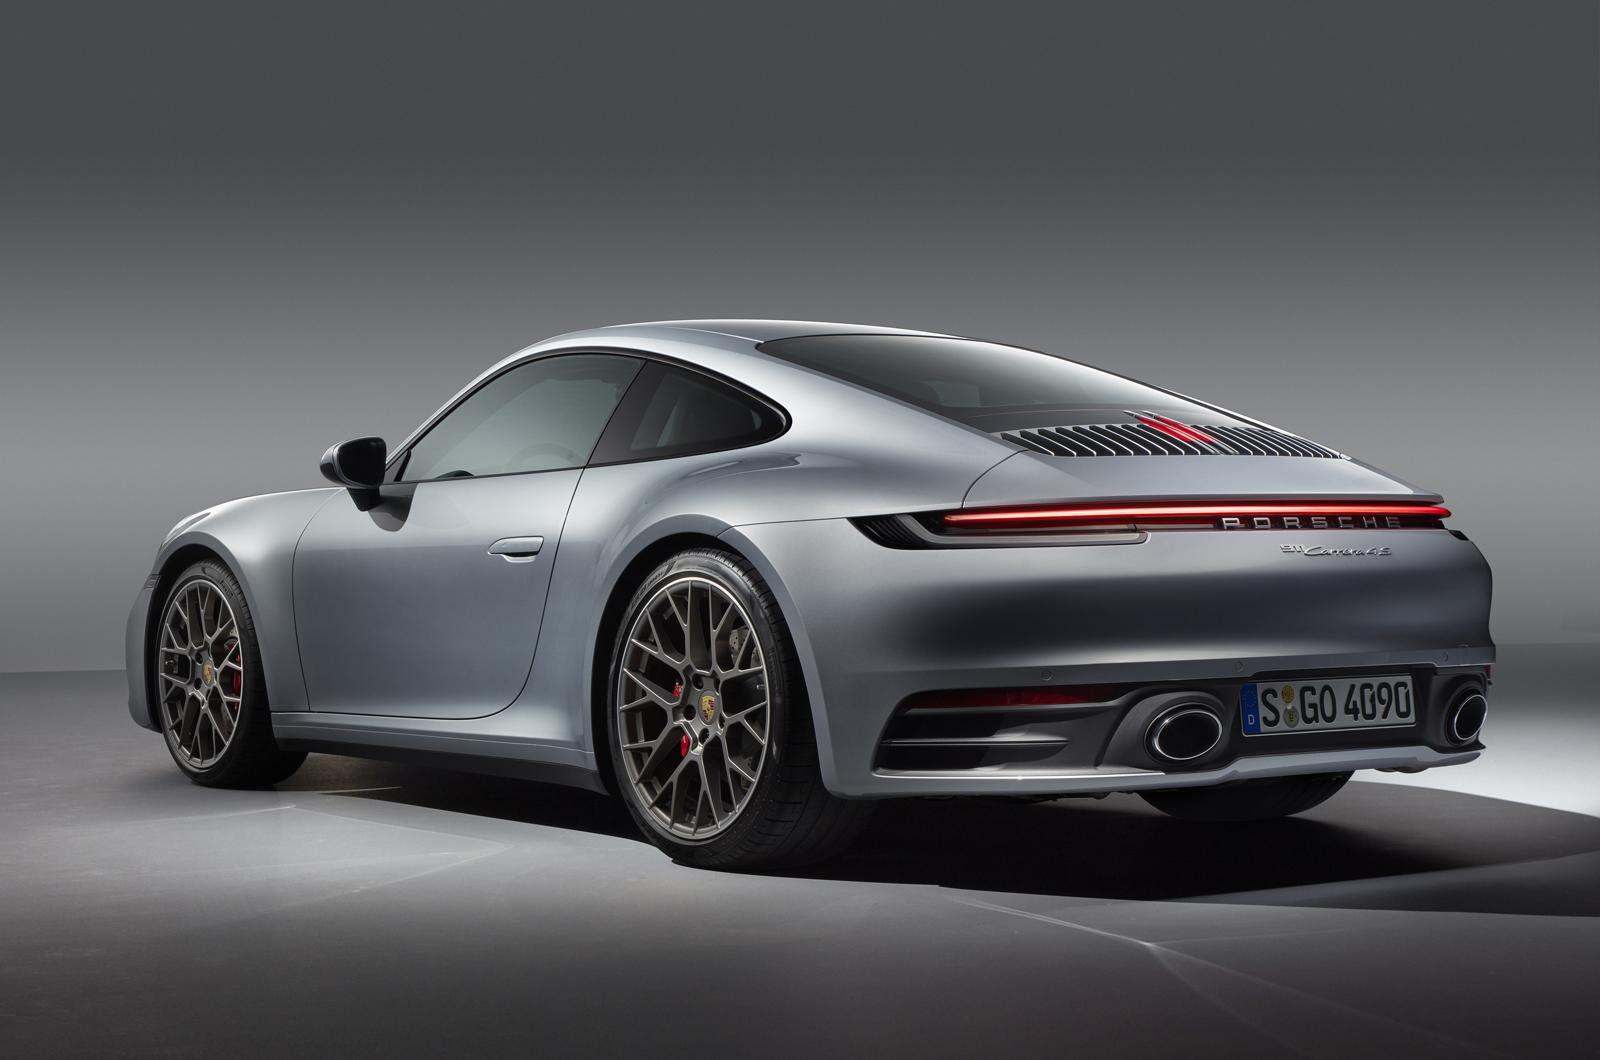 2019 Porsche 911 rear